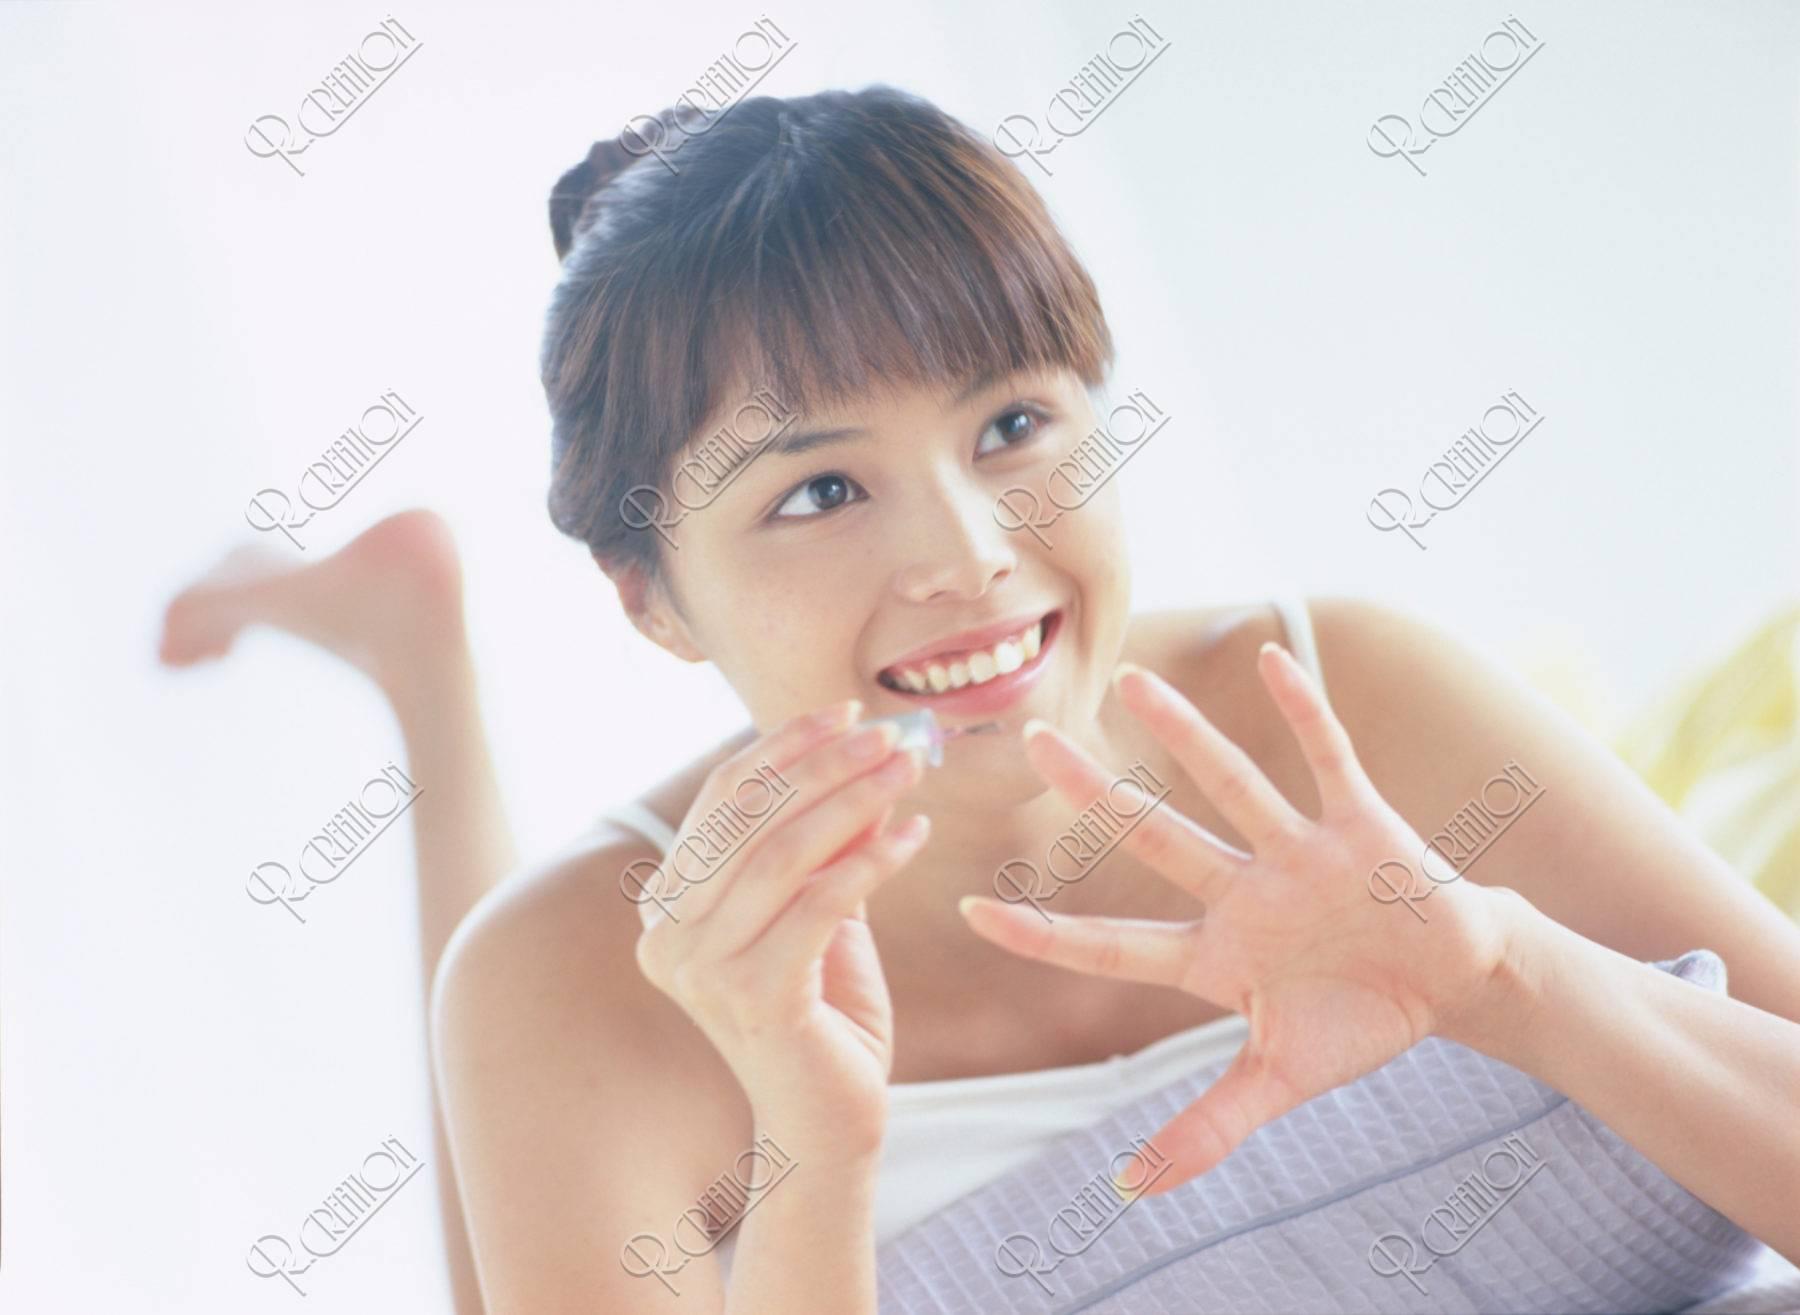 マニキュアをする女性